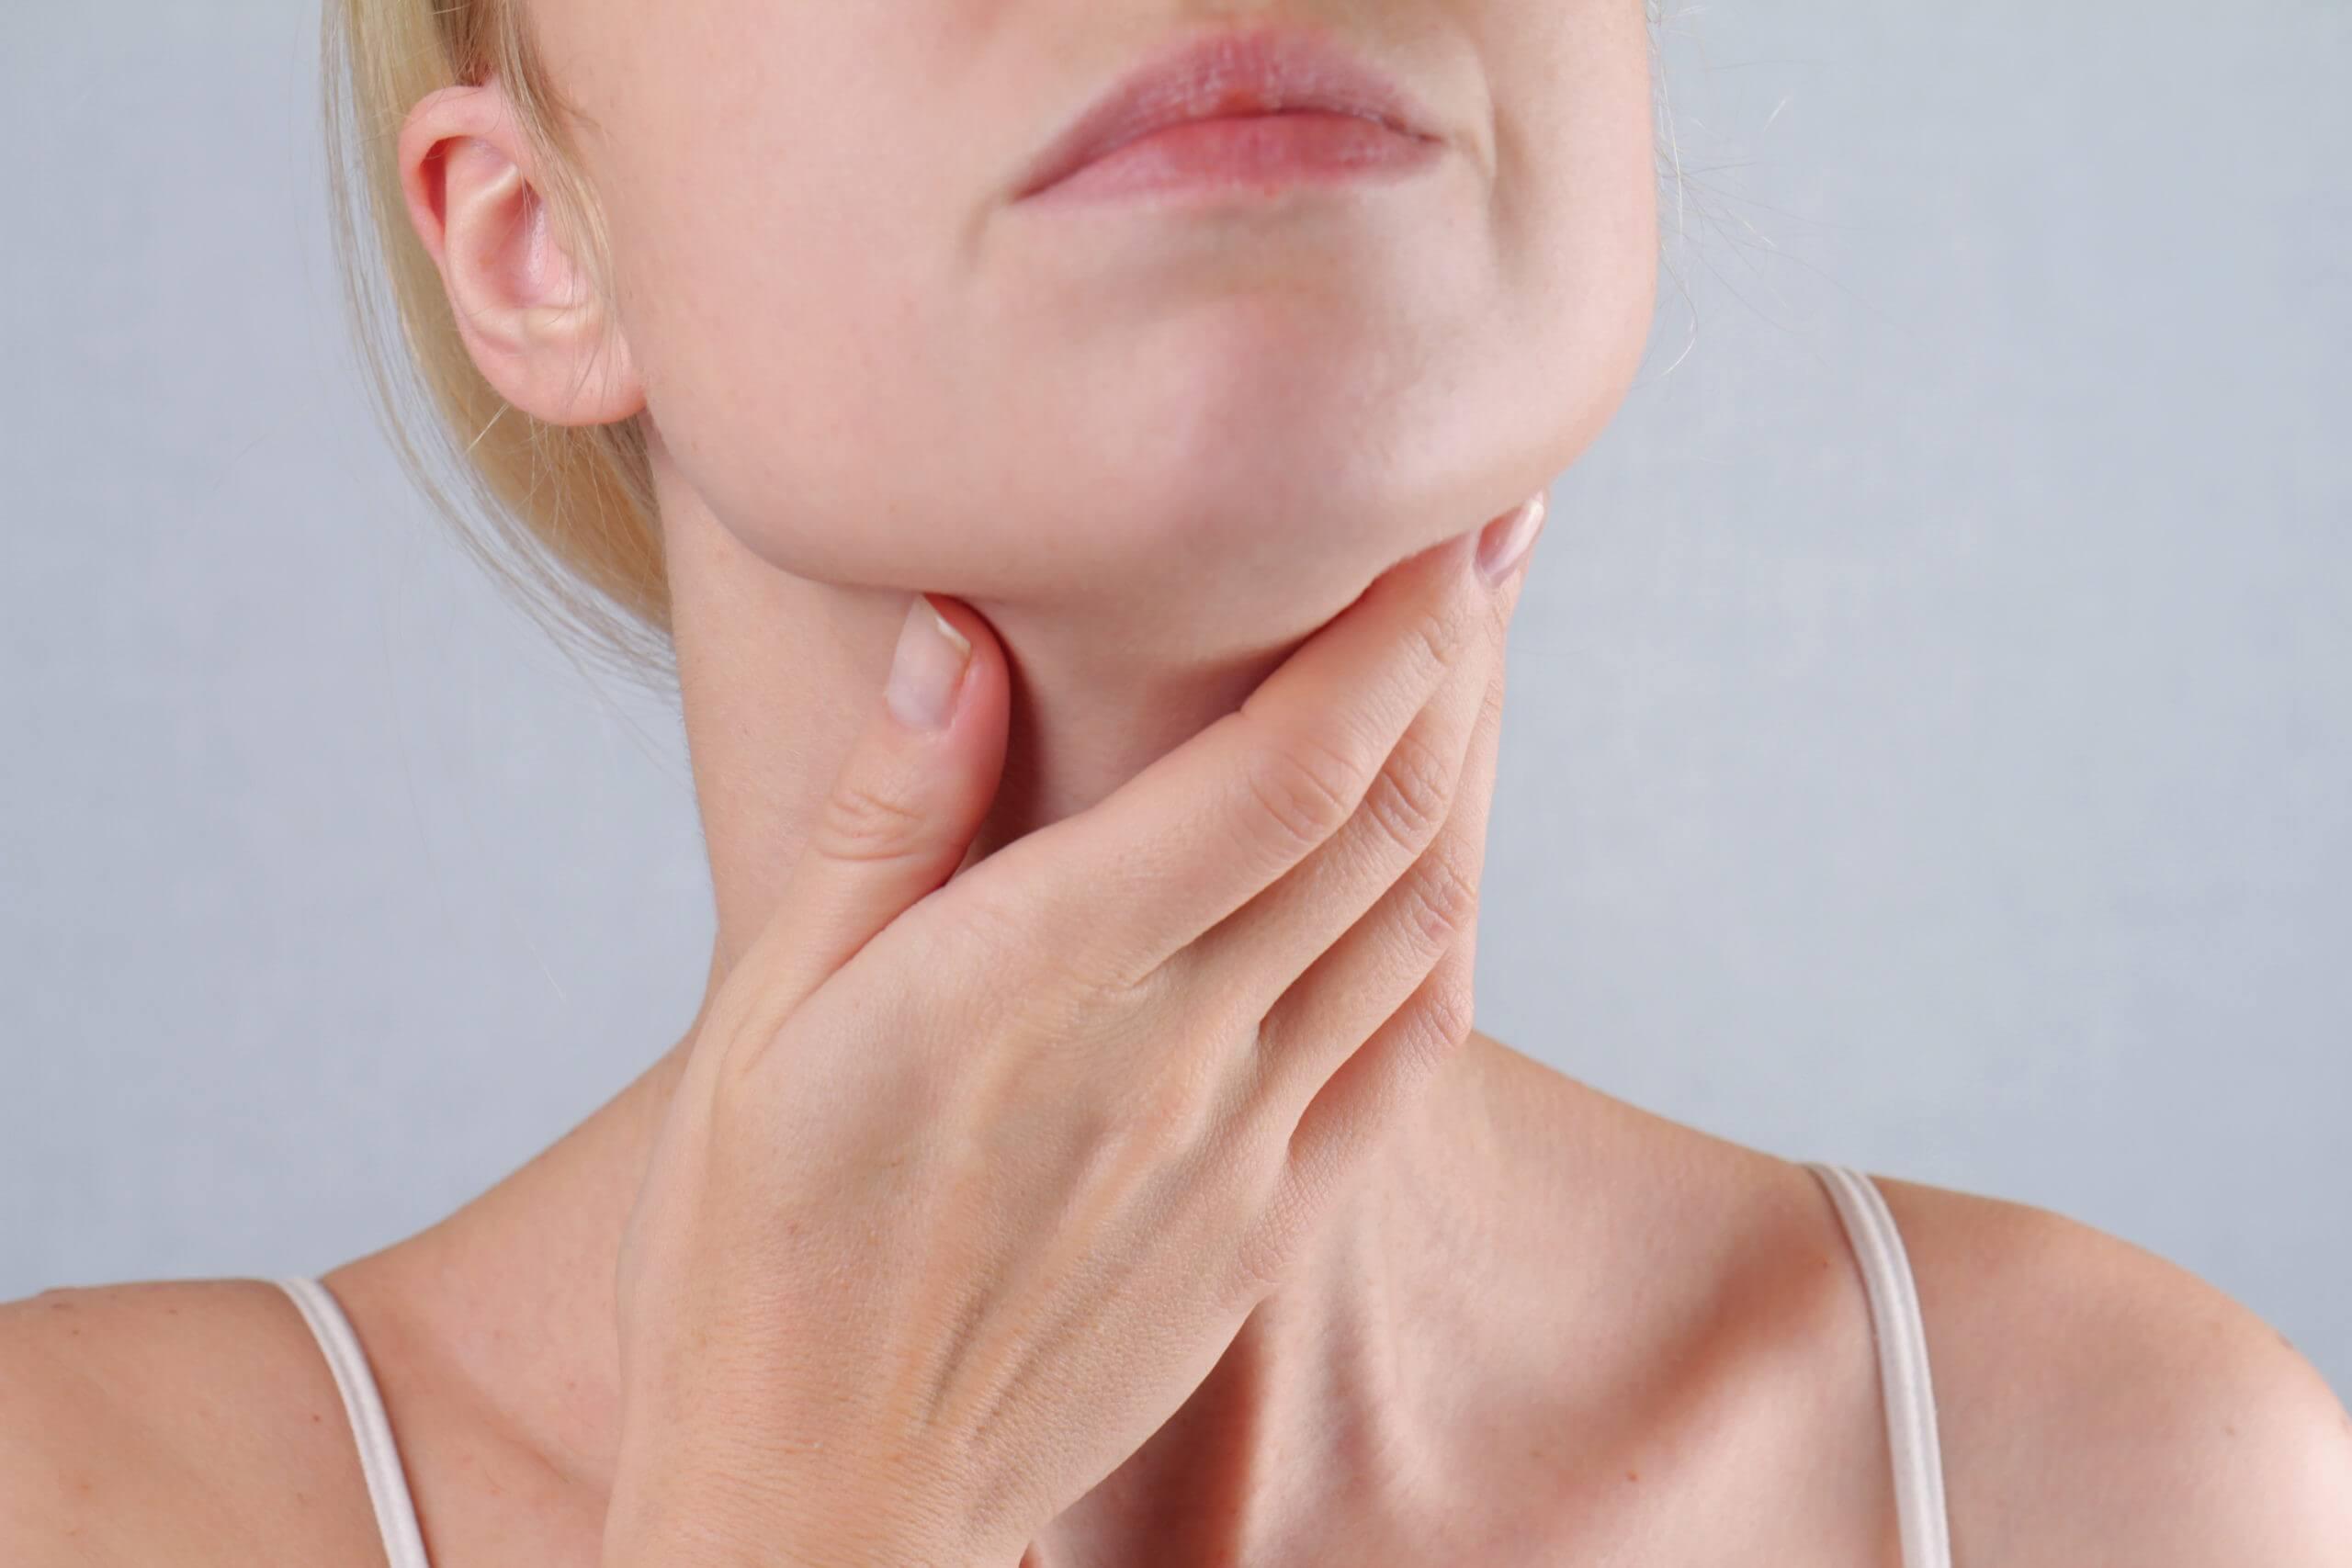 Ščitnica – vzroki za bolezni ščitnice in kako si lahko pomagate na naraven način